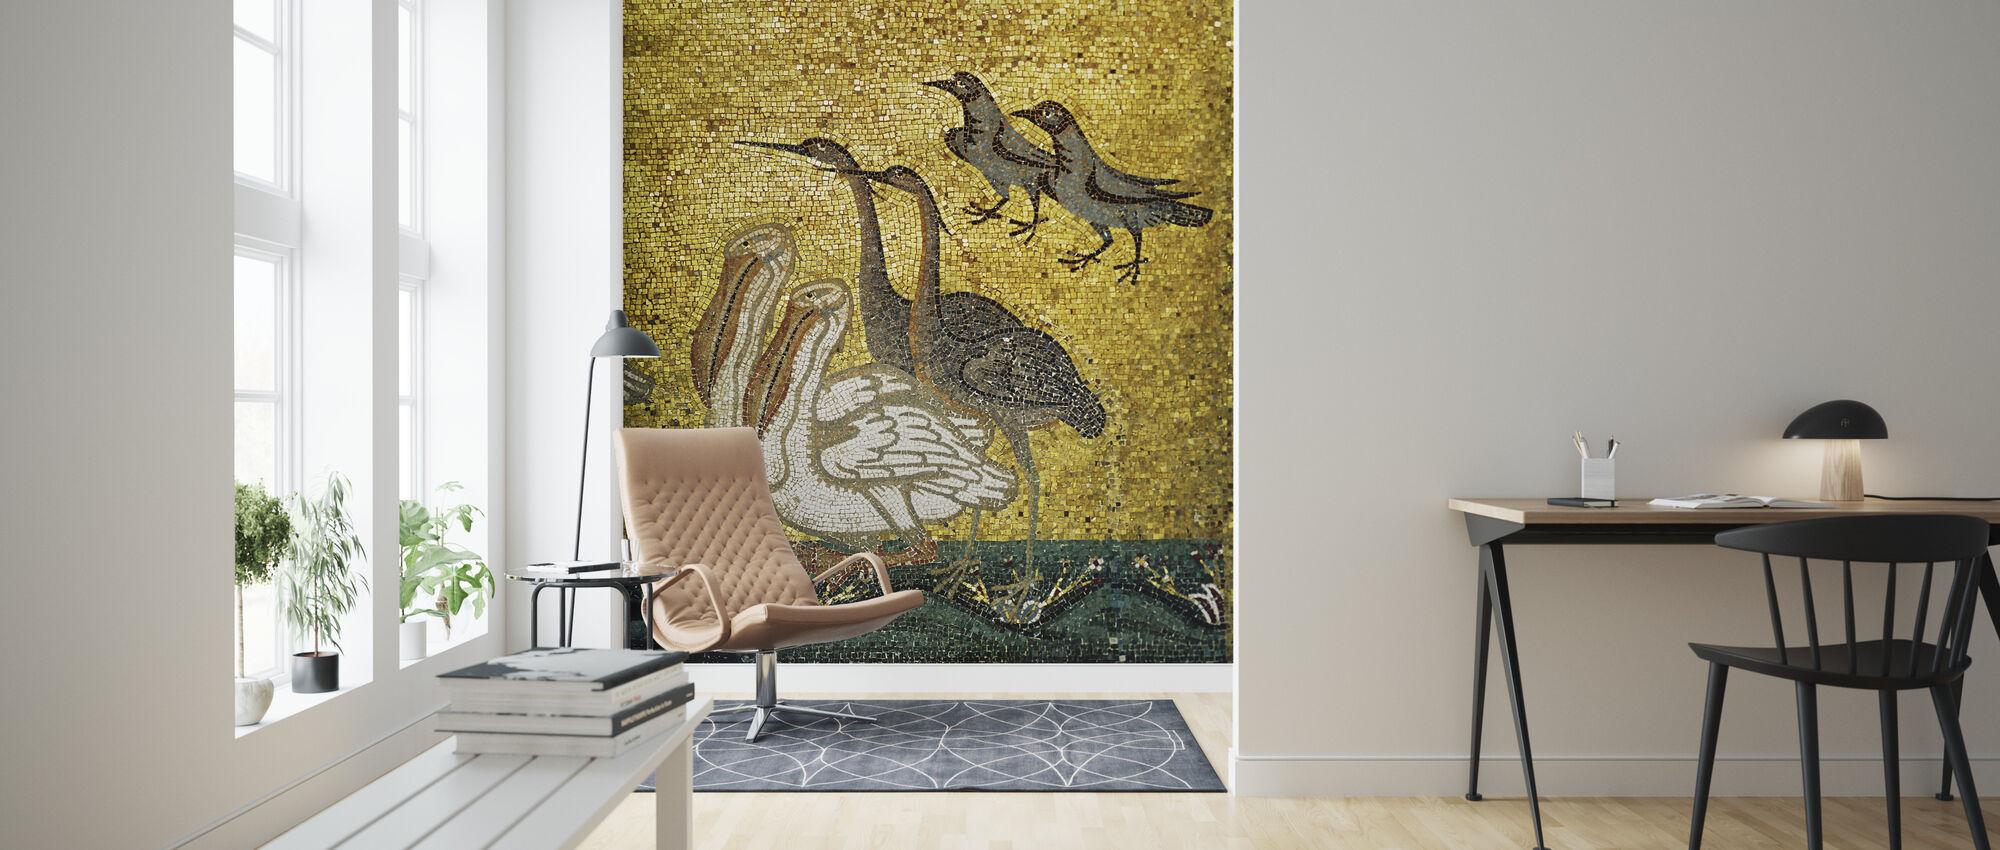 Diverse Vogels - Behang - Woonkamer